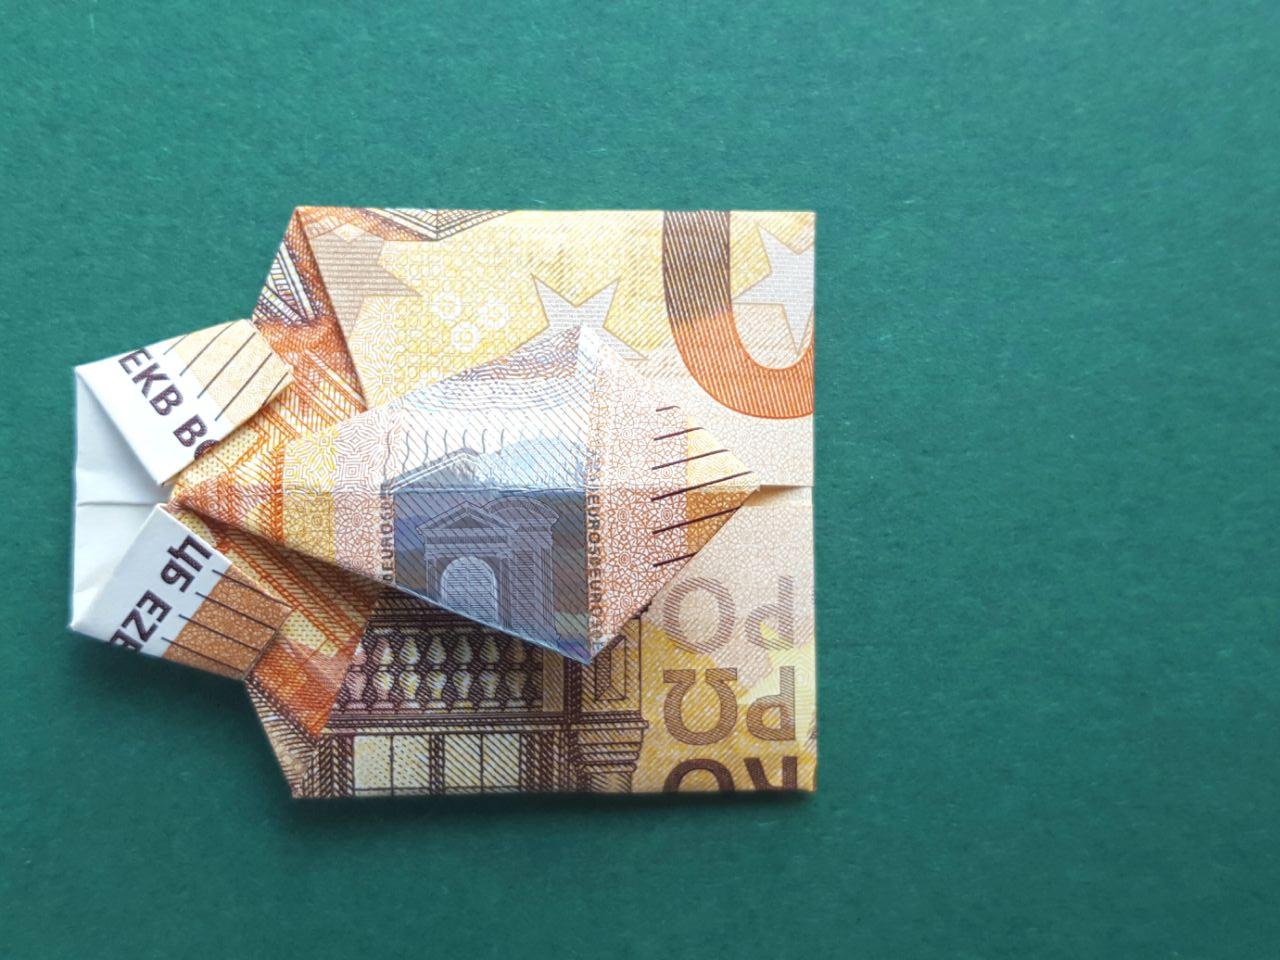 Favorit 5 Euro Scheine Falten Xr58 Startupjobsfa